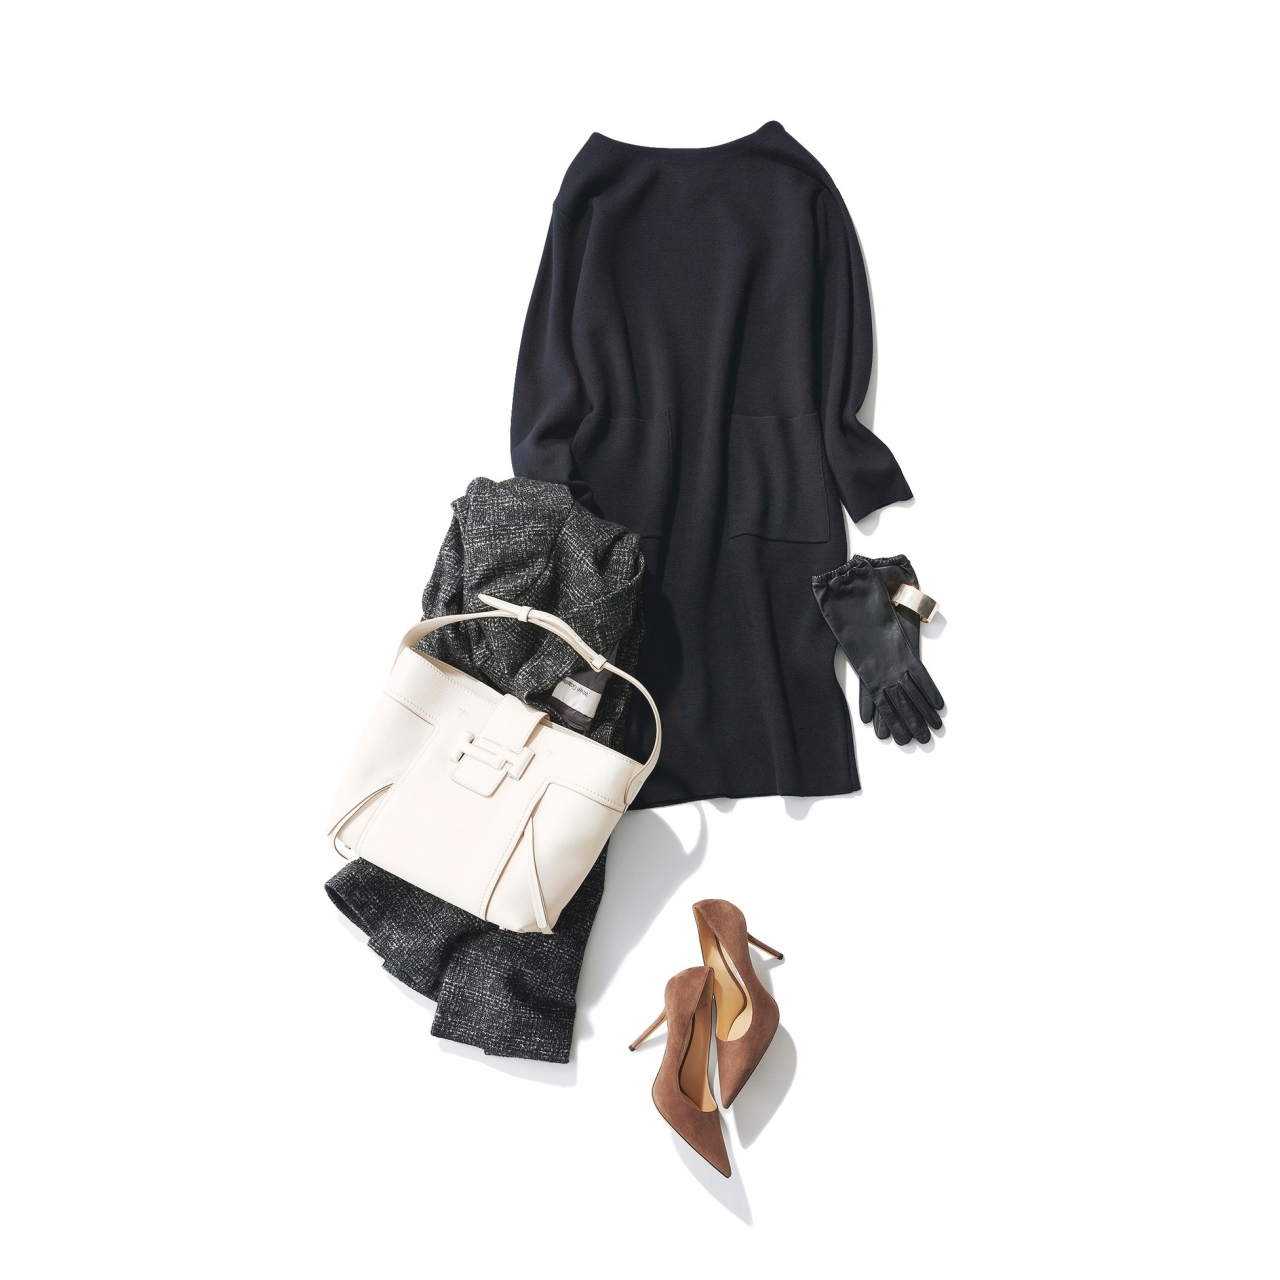 ファッション レディ度高めの黒ニットワンピースコーデ